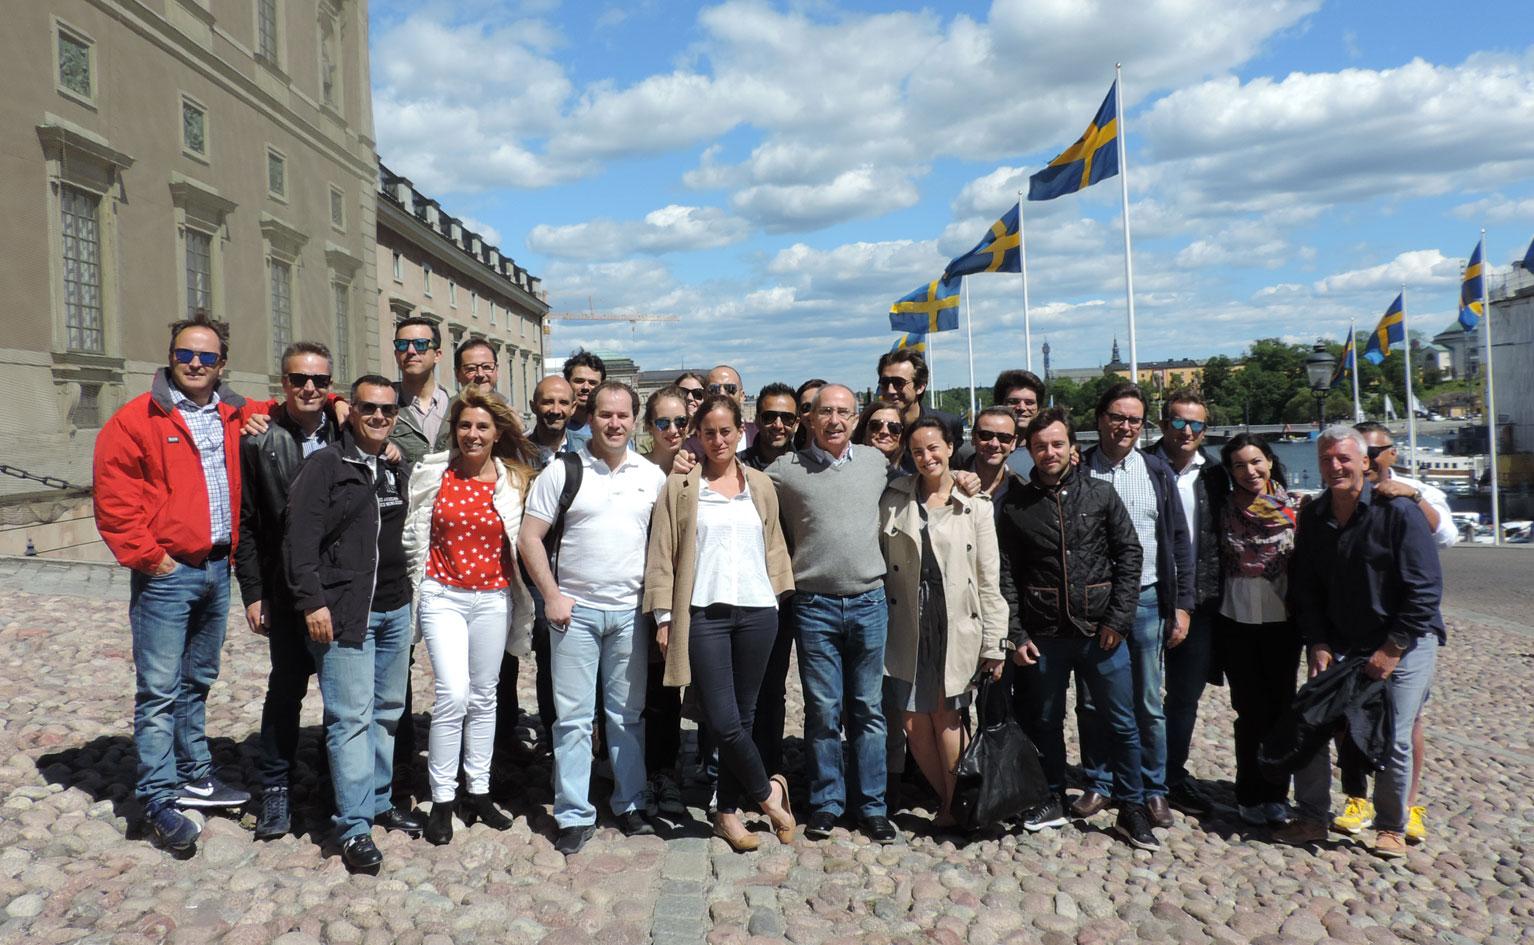 6º Convención Persé en Estocolmo.